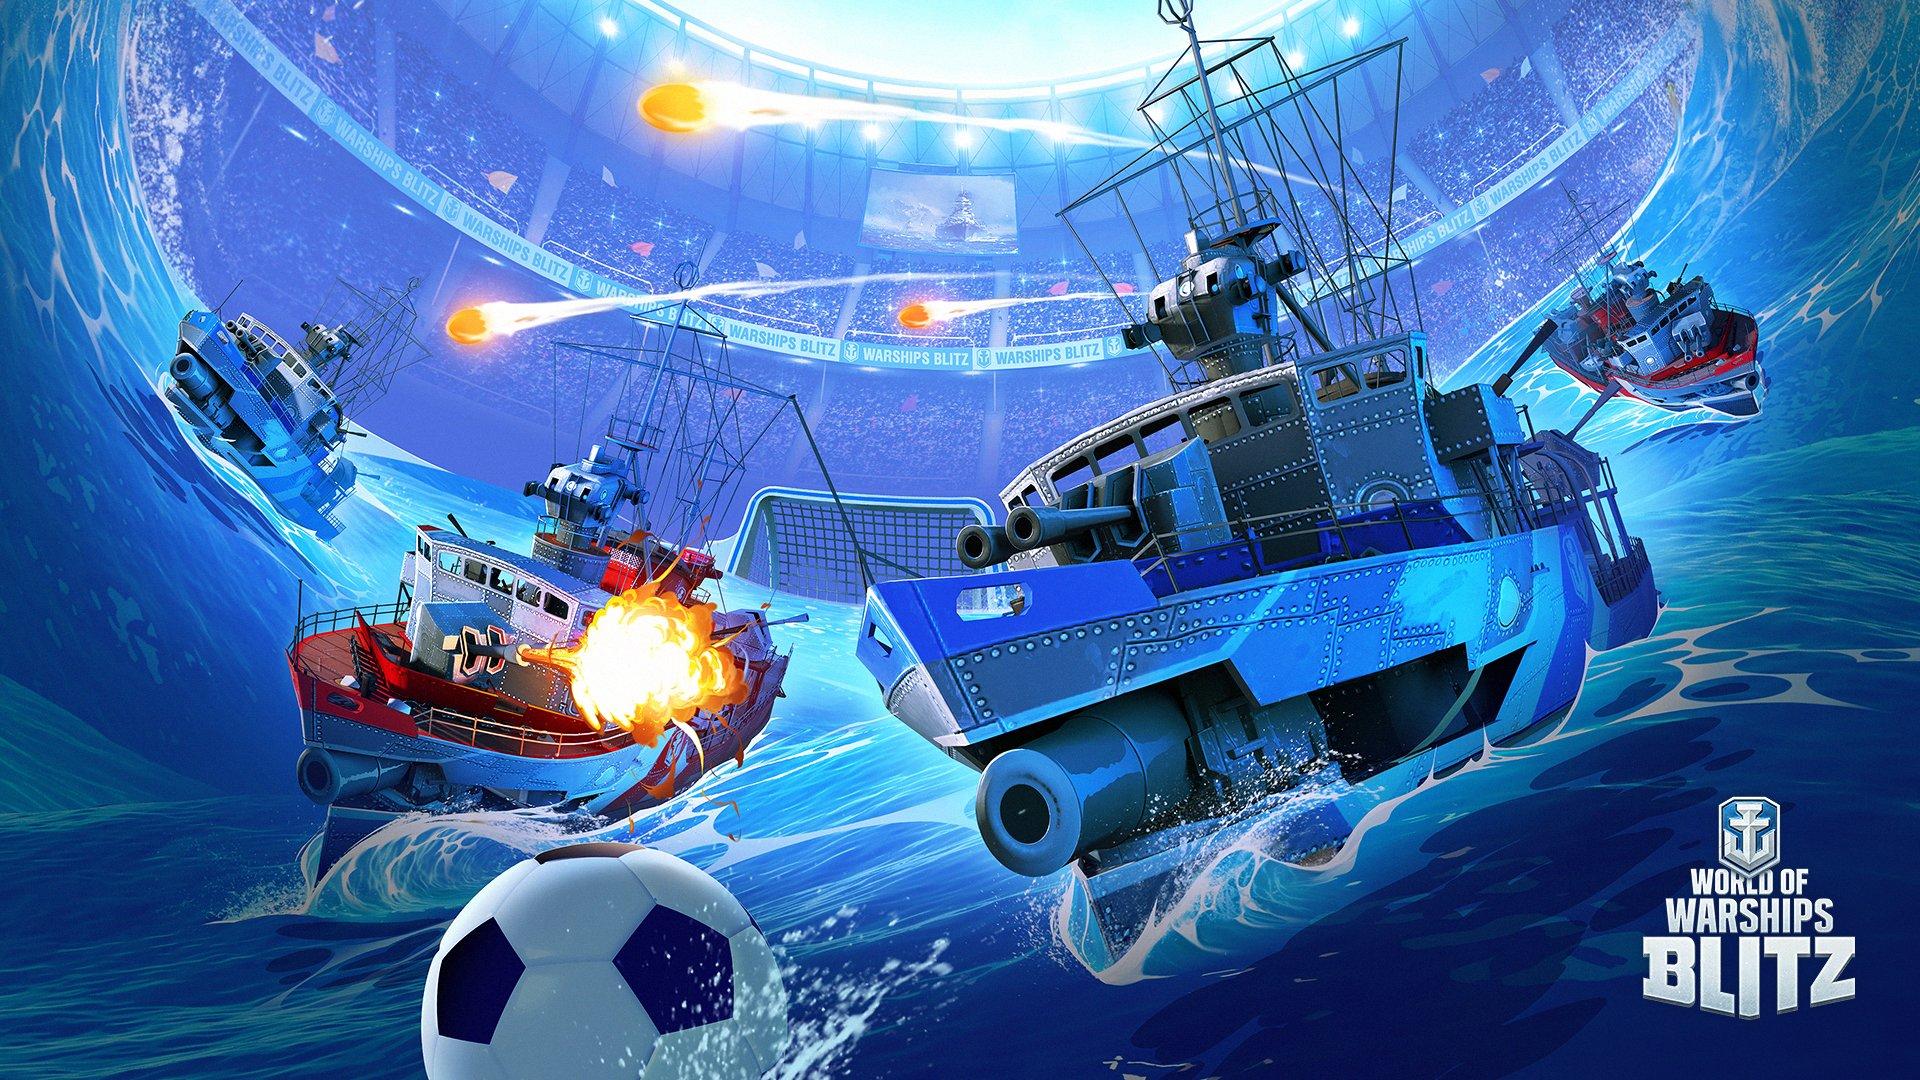 World of Warships Blitz – możesz zagrać w piłkę lepiej niż reprezentacja Polski czy Niemiec 32